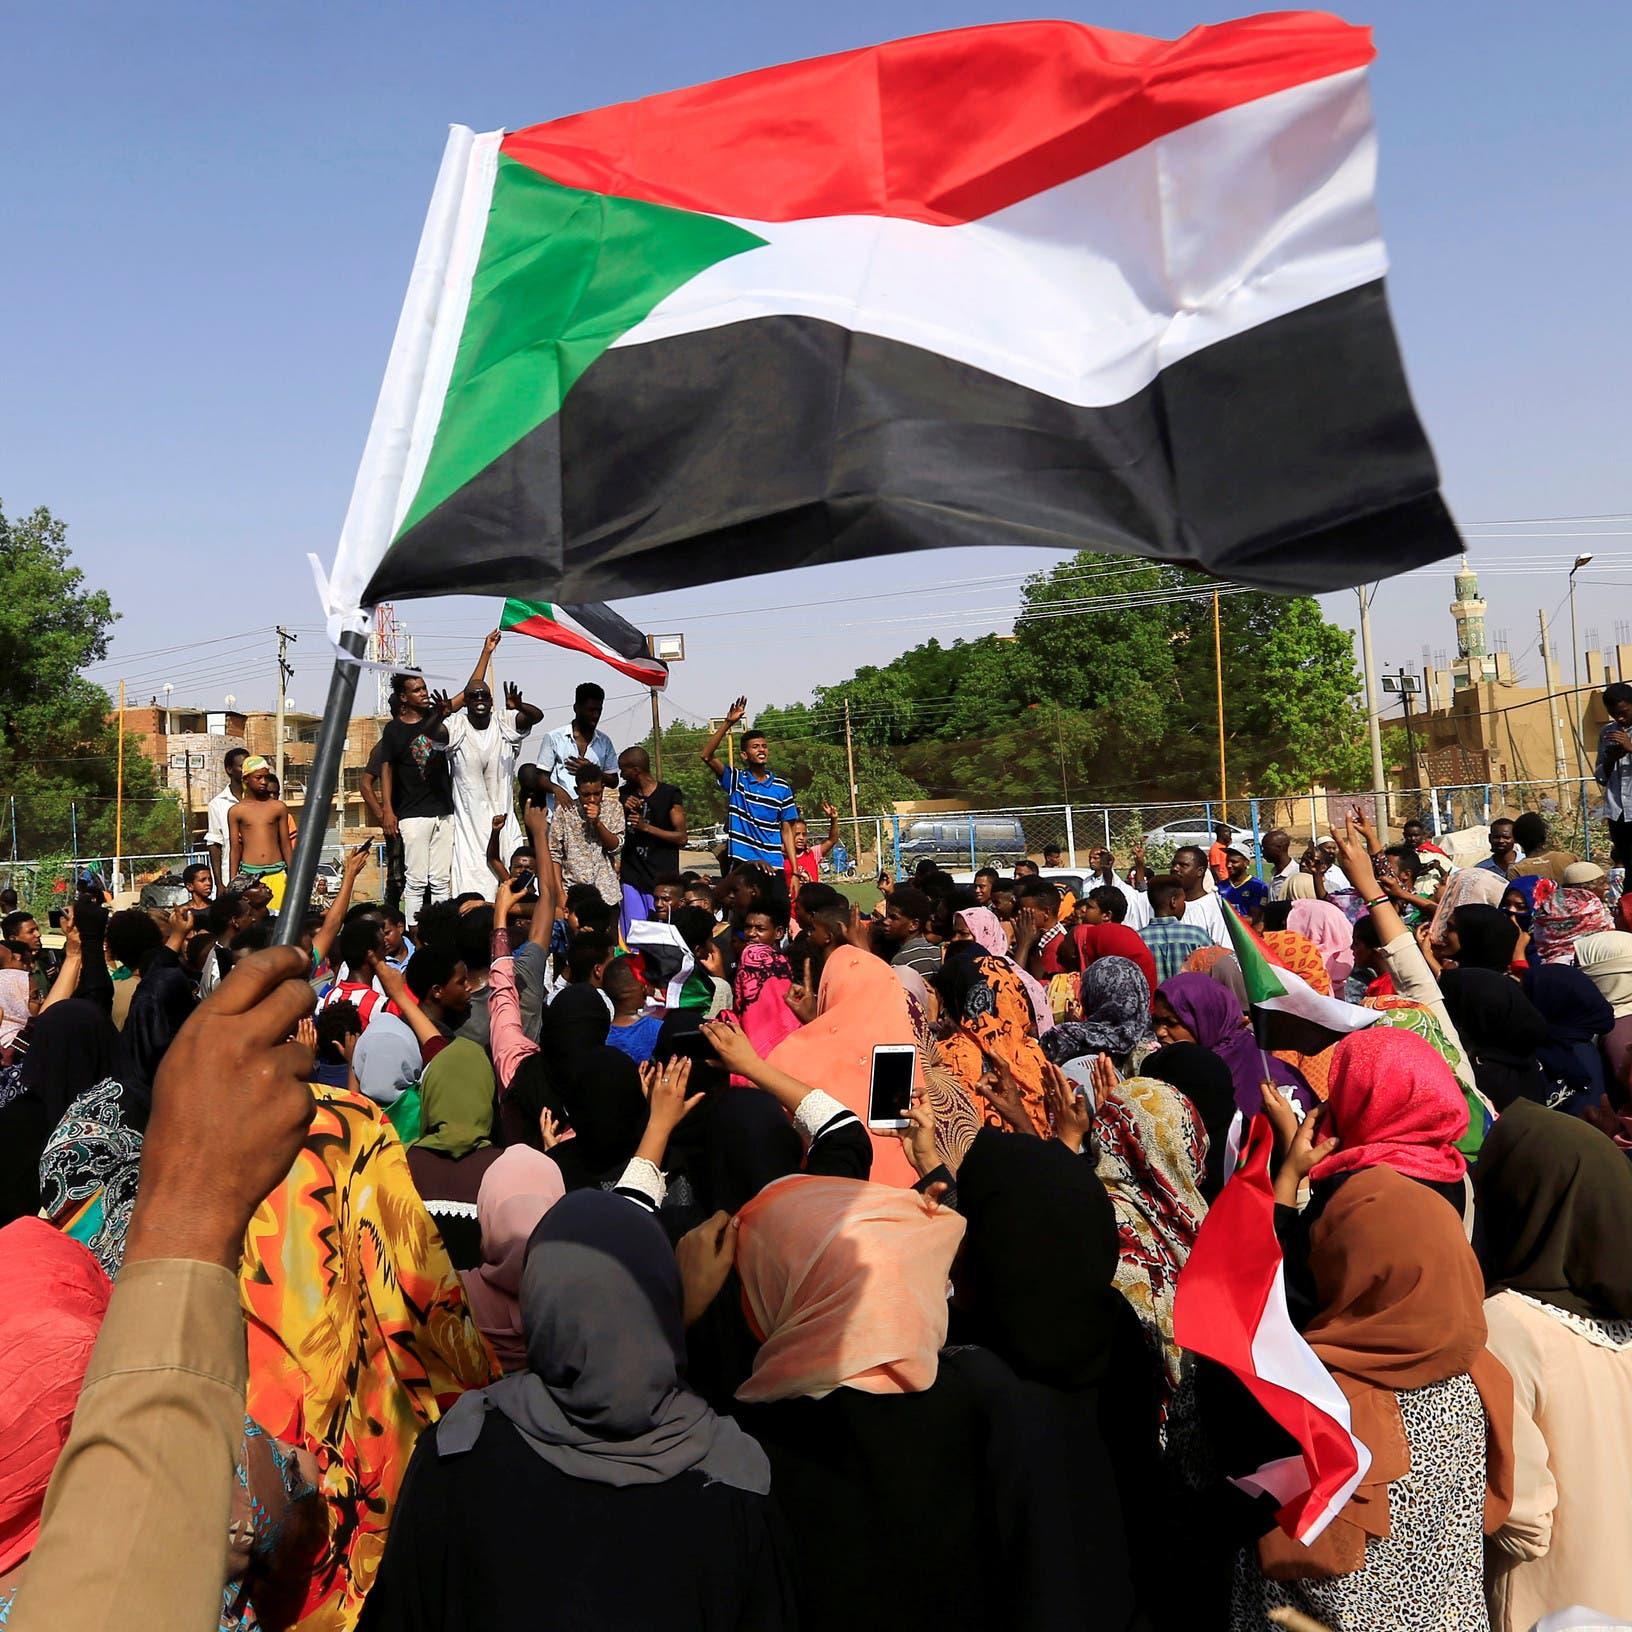 السودان ... قتيلان في مواجهات مع متظاهرين في ولاية سنار